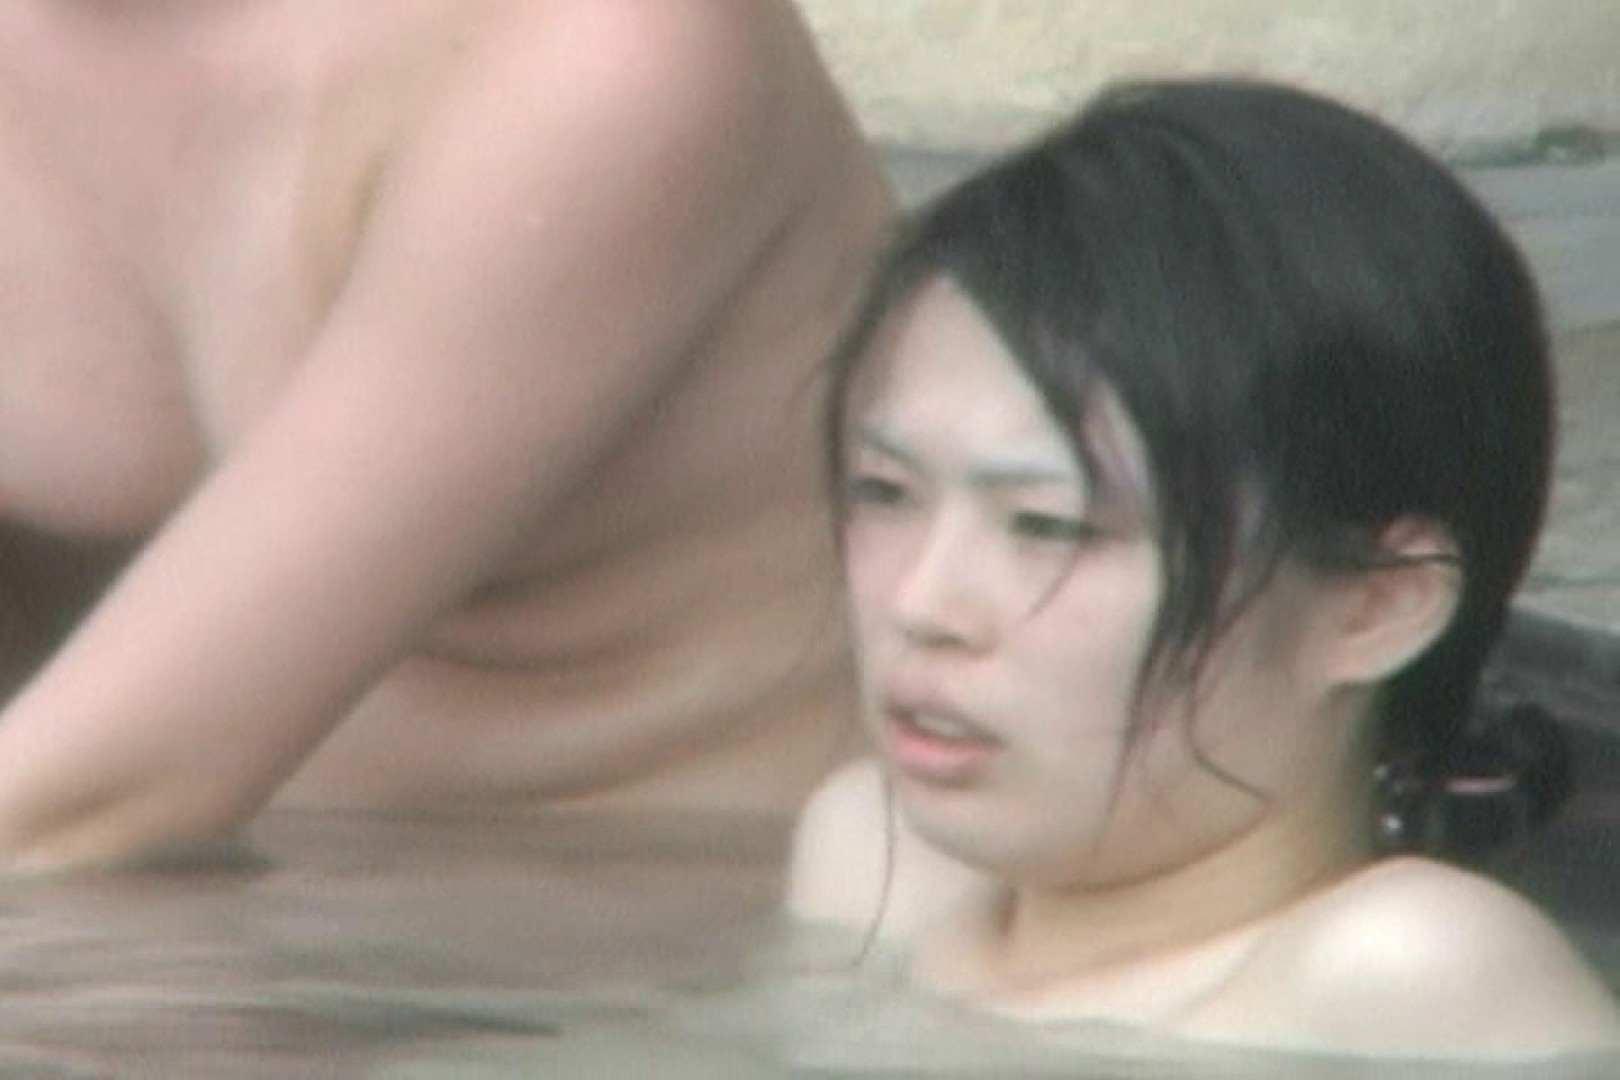 Aquaな露天風呂Vol.593 綺麗なOLたち | 盗撮  97枚 79